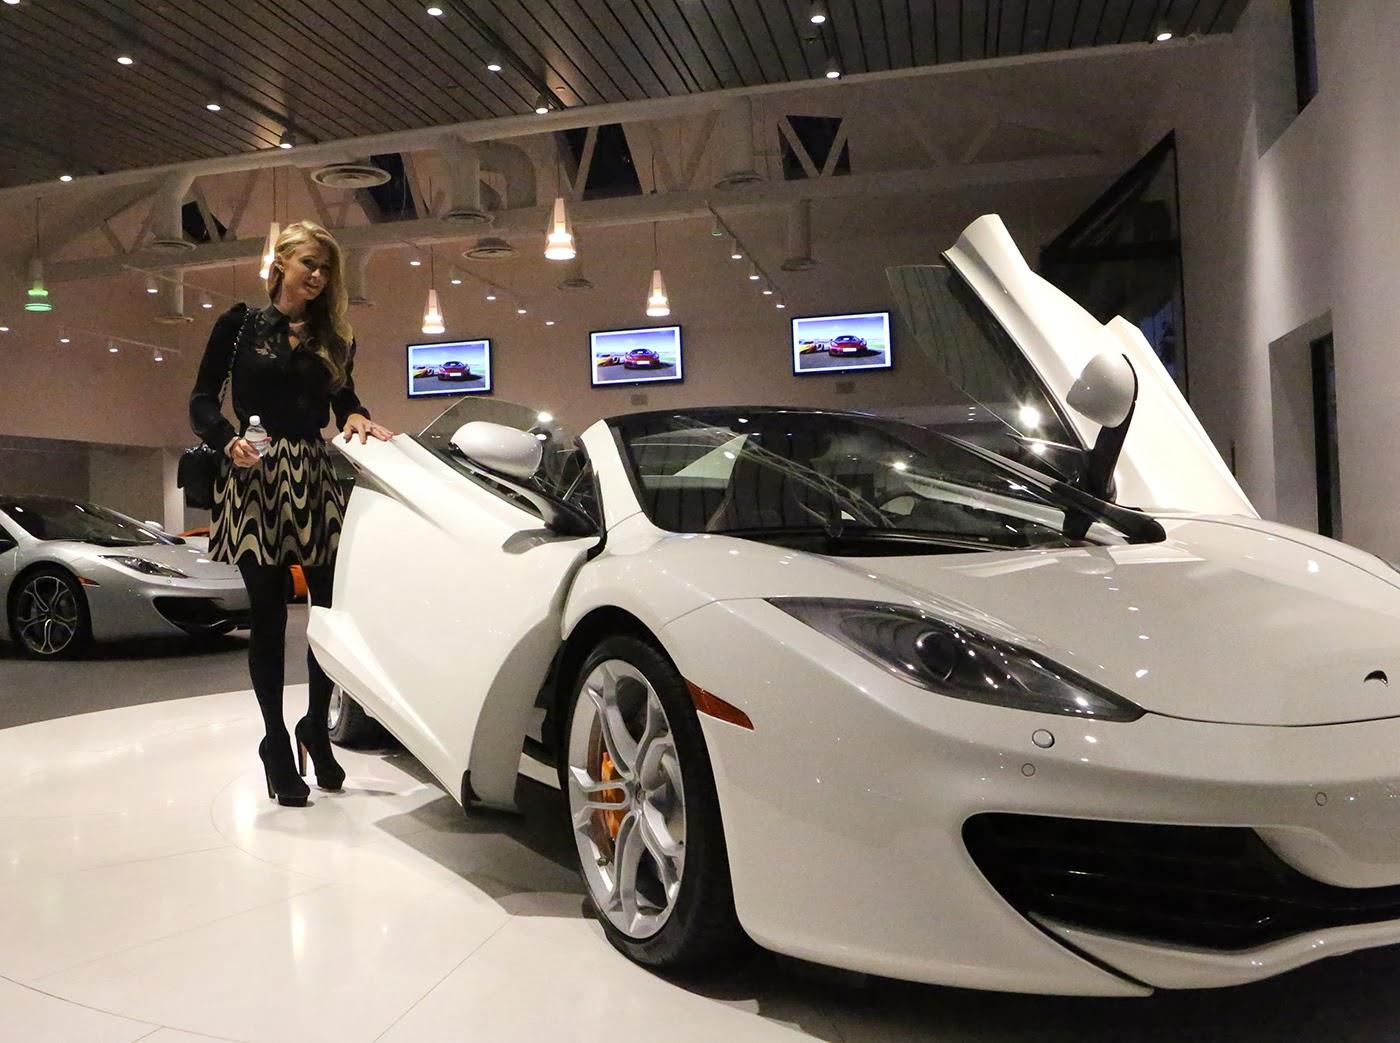 Paris hilton picks up stunning white mclaren 12c spider for Garage lexus paris